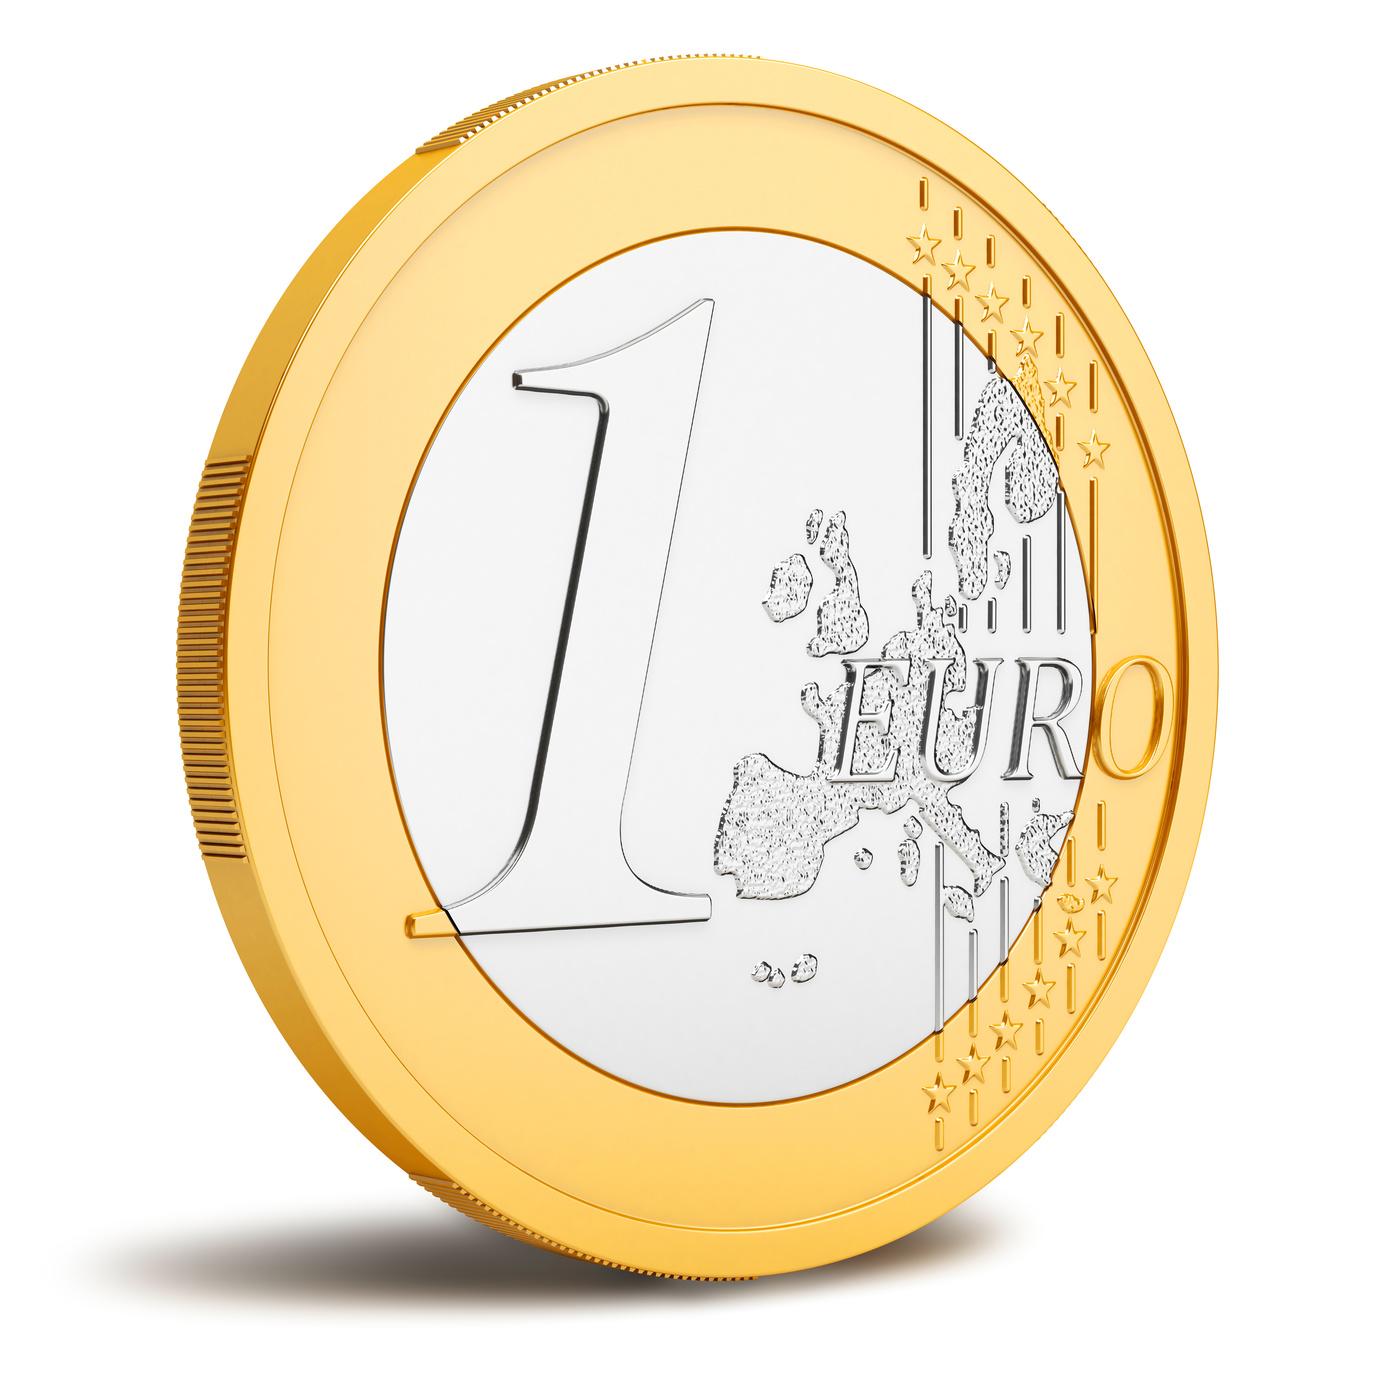 1 euro nur f r bildung so soll hartz iv ausgegeben werden. Black Bedroom Furniture Sets. Home Design Ideas